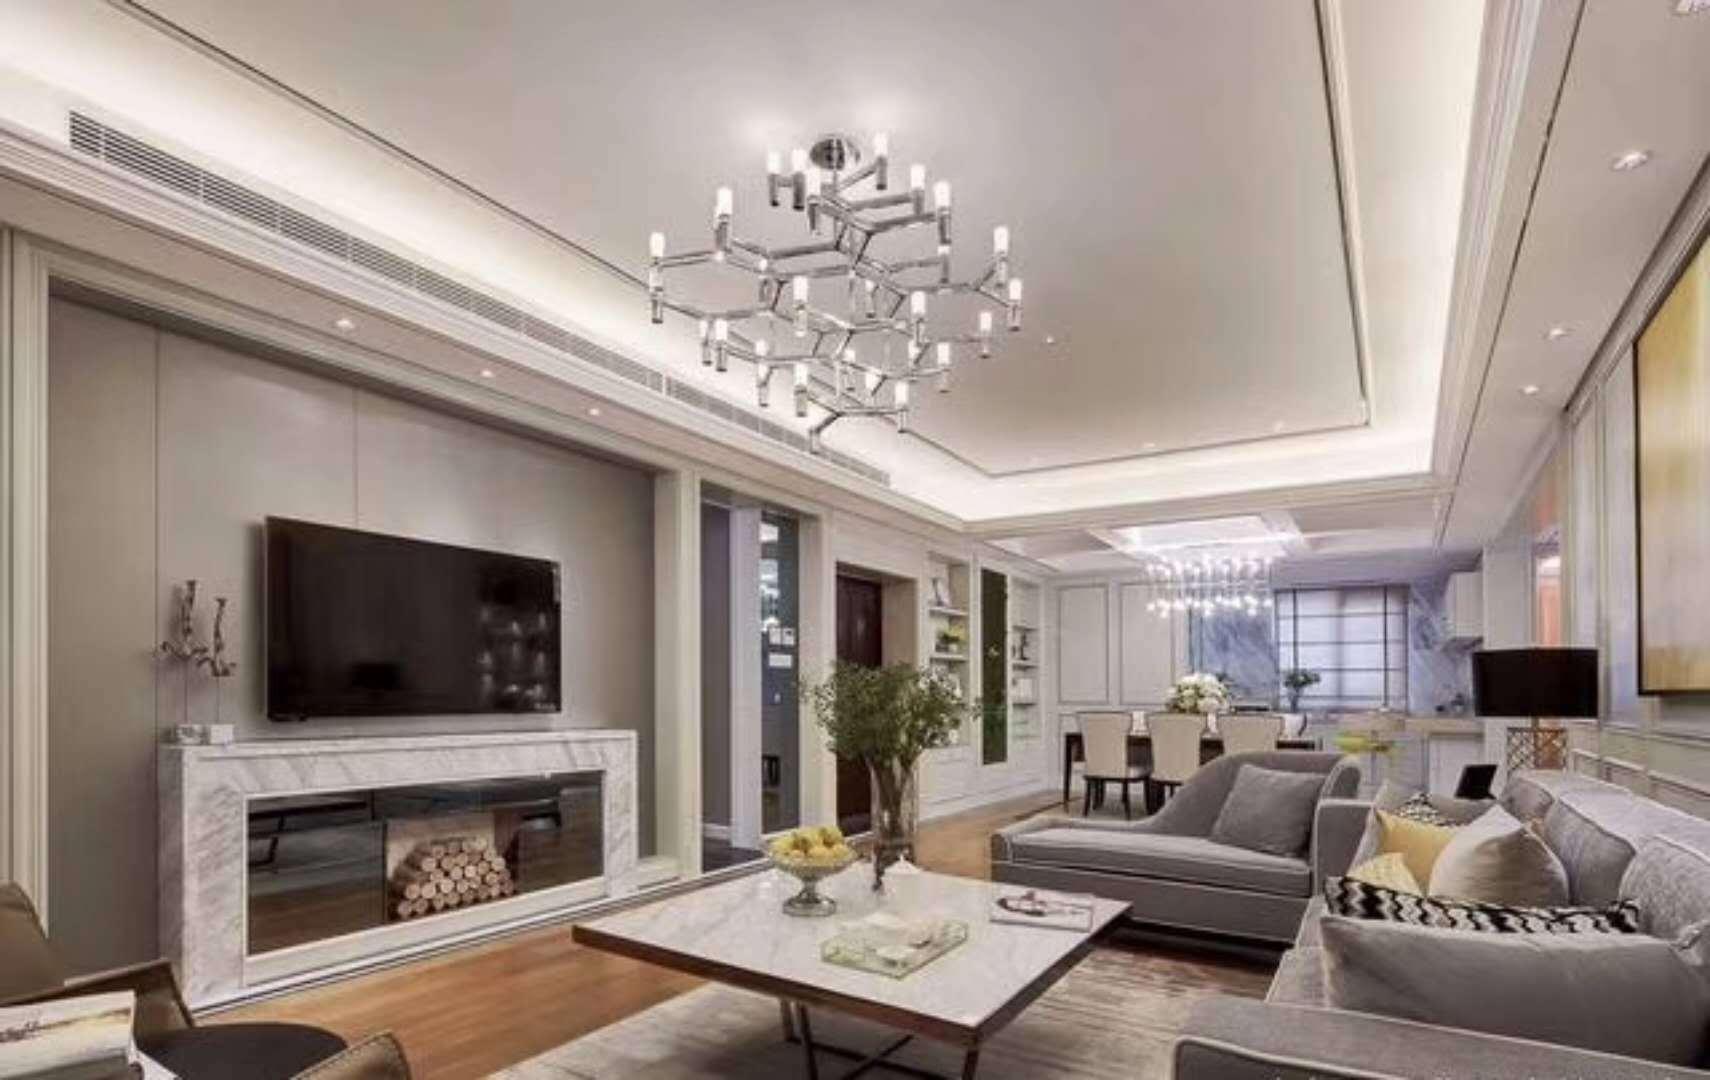 昆明家庭装修设计公司分享北欧风格施工案例